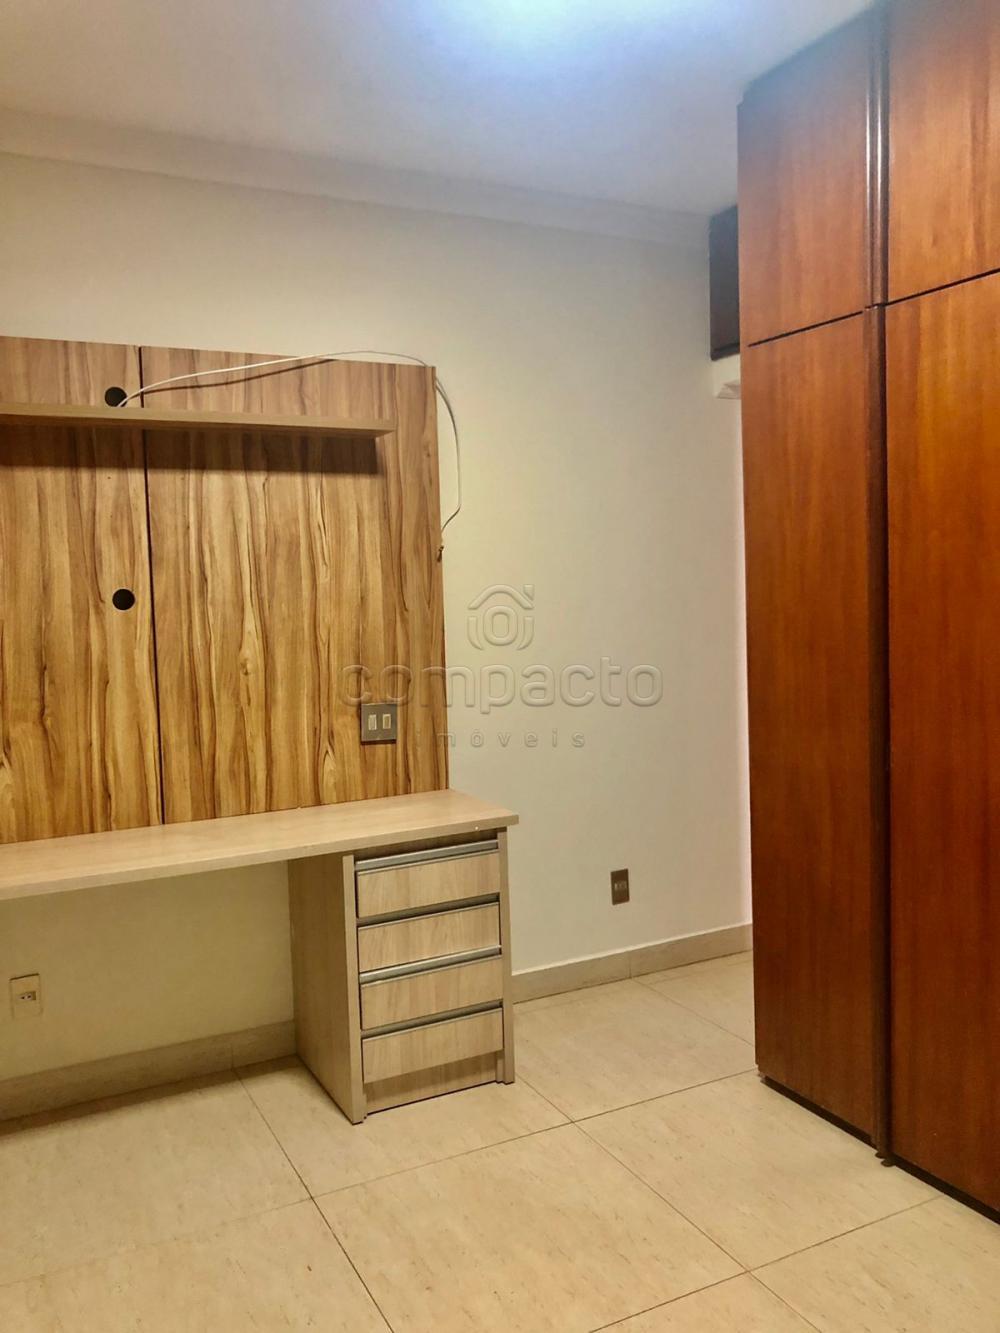 Alugar Apartamento / Padrão em São José do Rio Preto R$ 2.500,00 - Foto 14